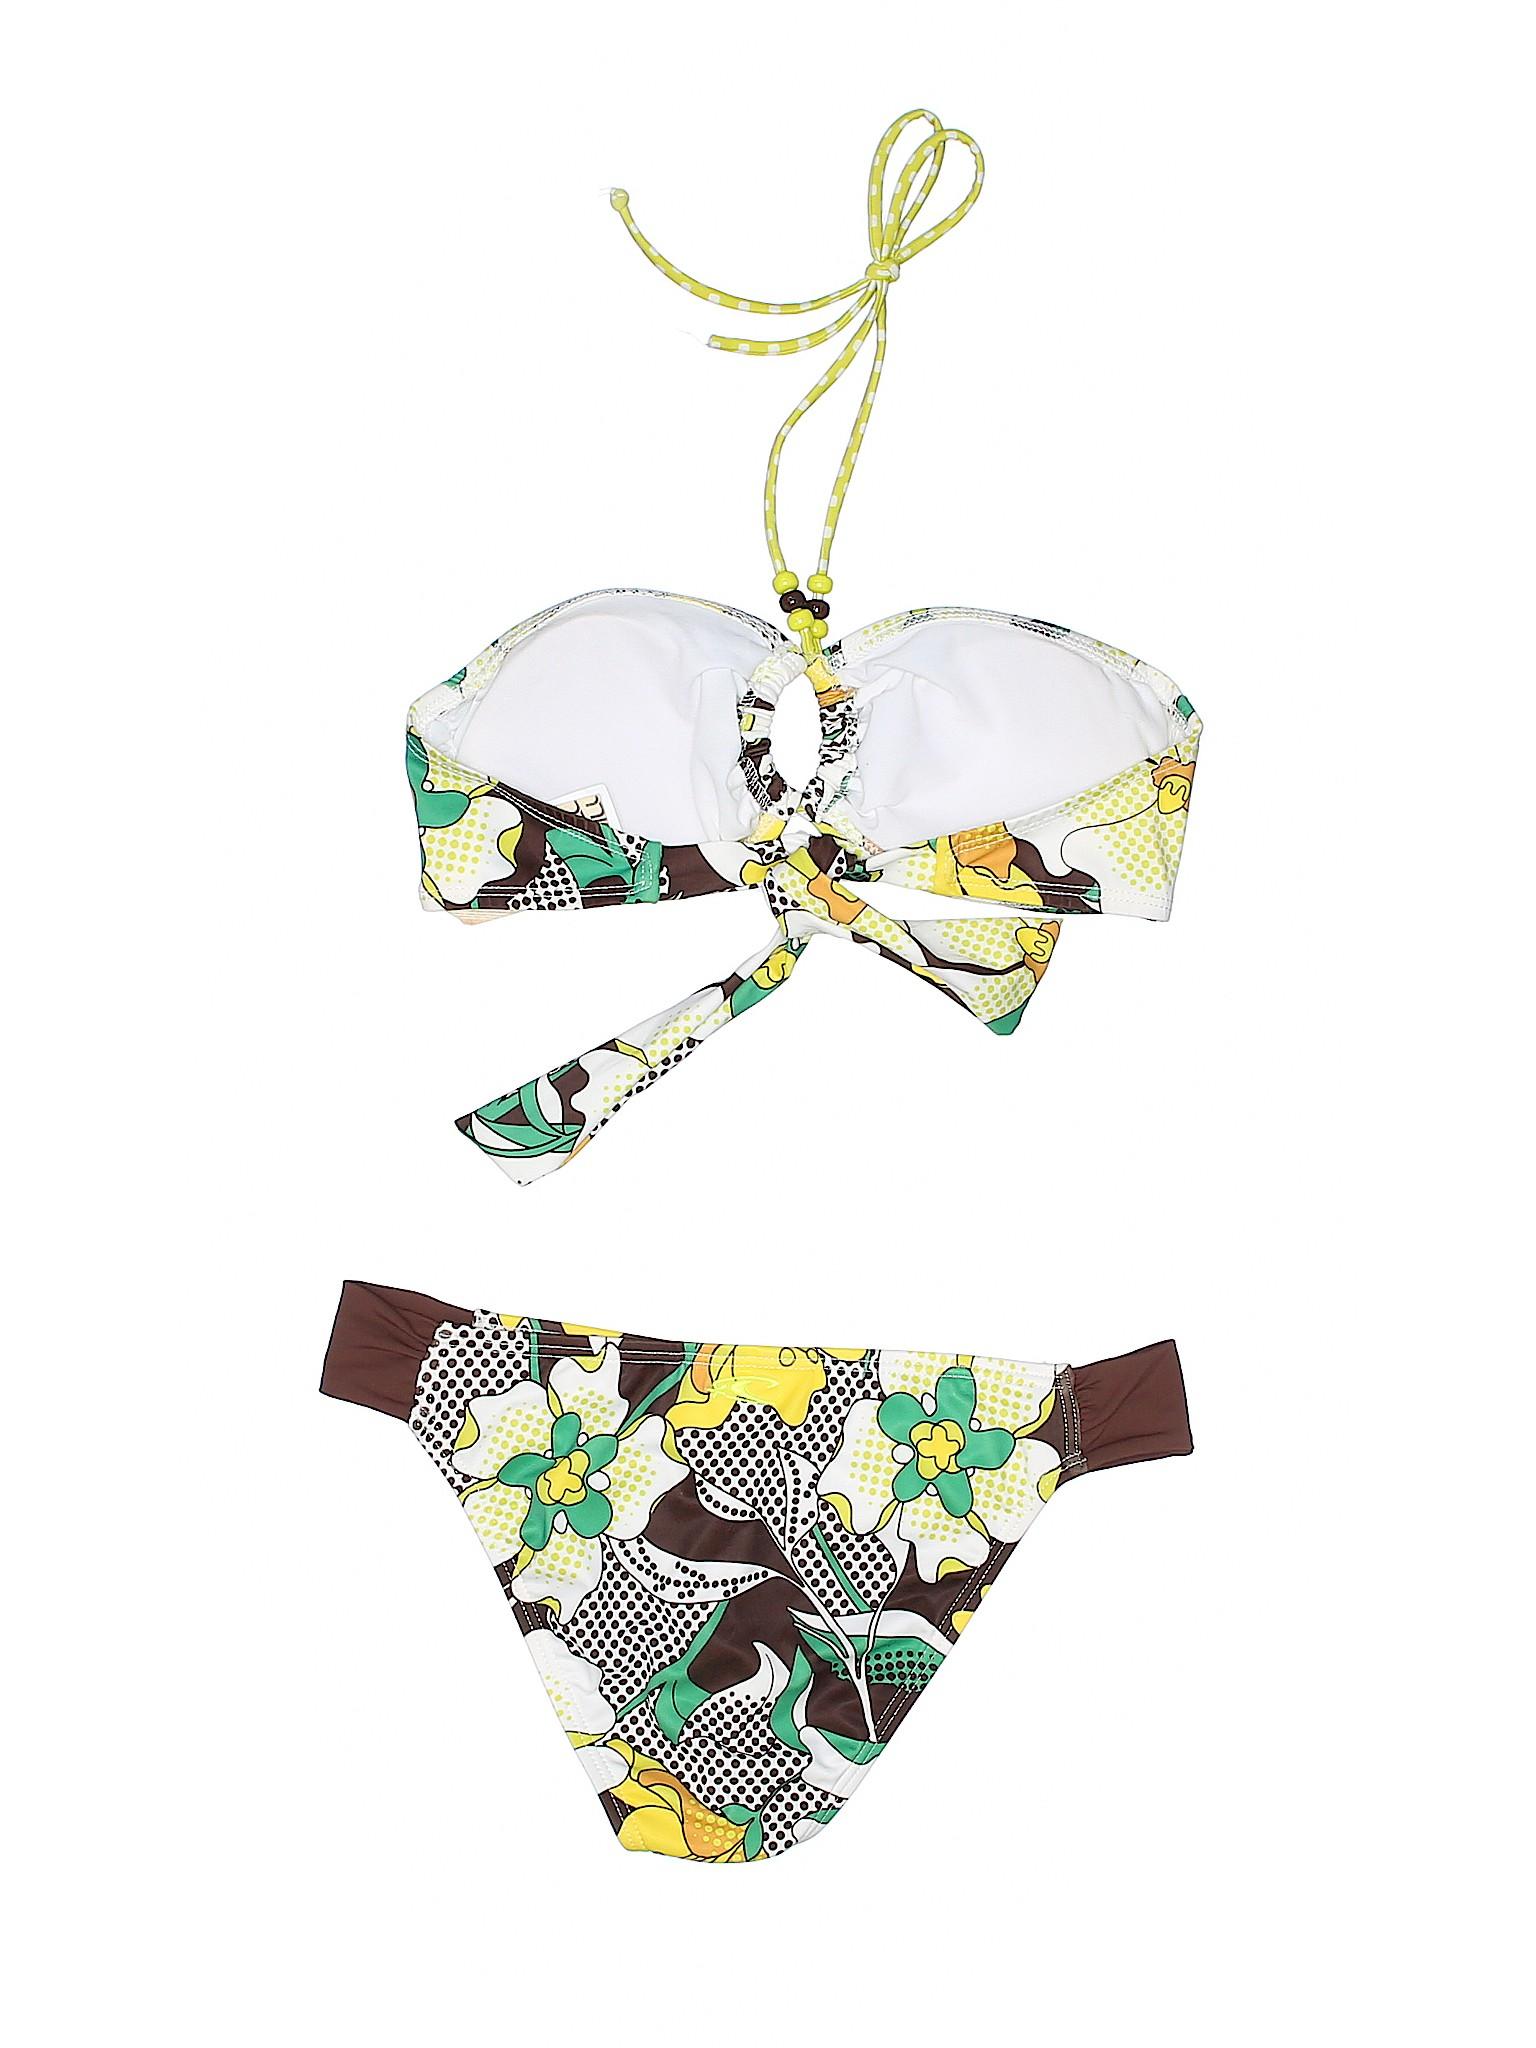 O'Neill Piece Boutique Piece Boutique O'Neill Swimsuit Two Swimsuit Piece Boutique Two Two O'Neill wqBTAYI